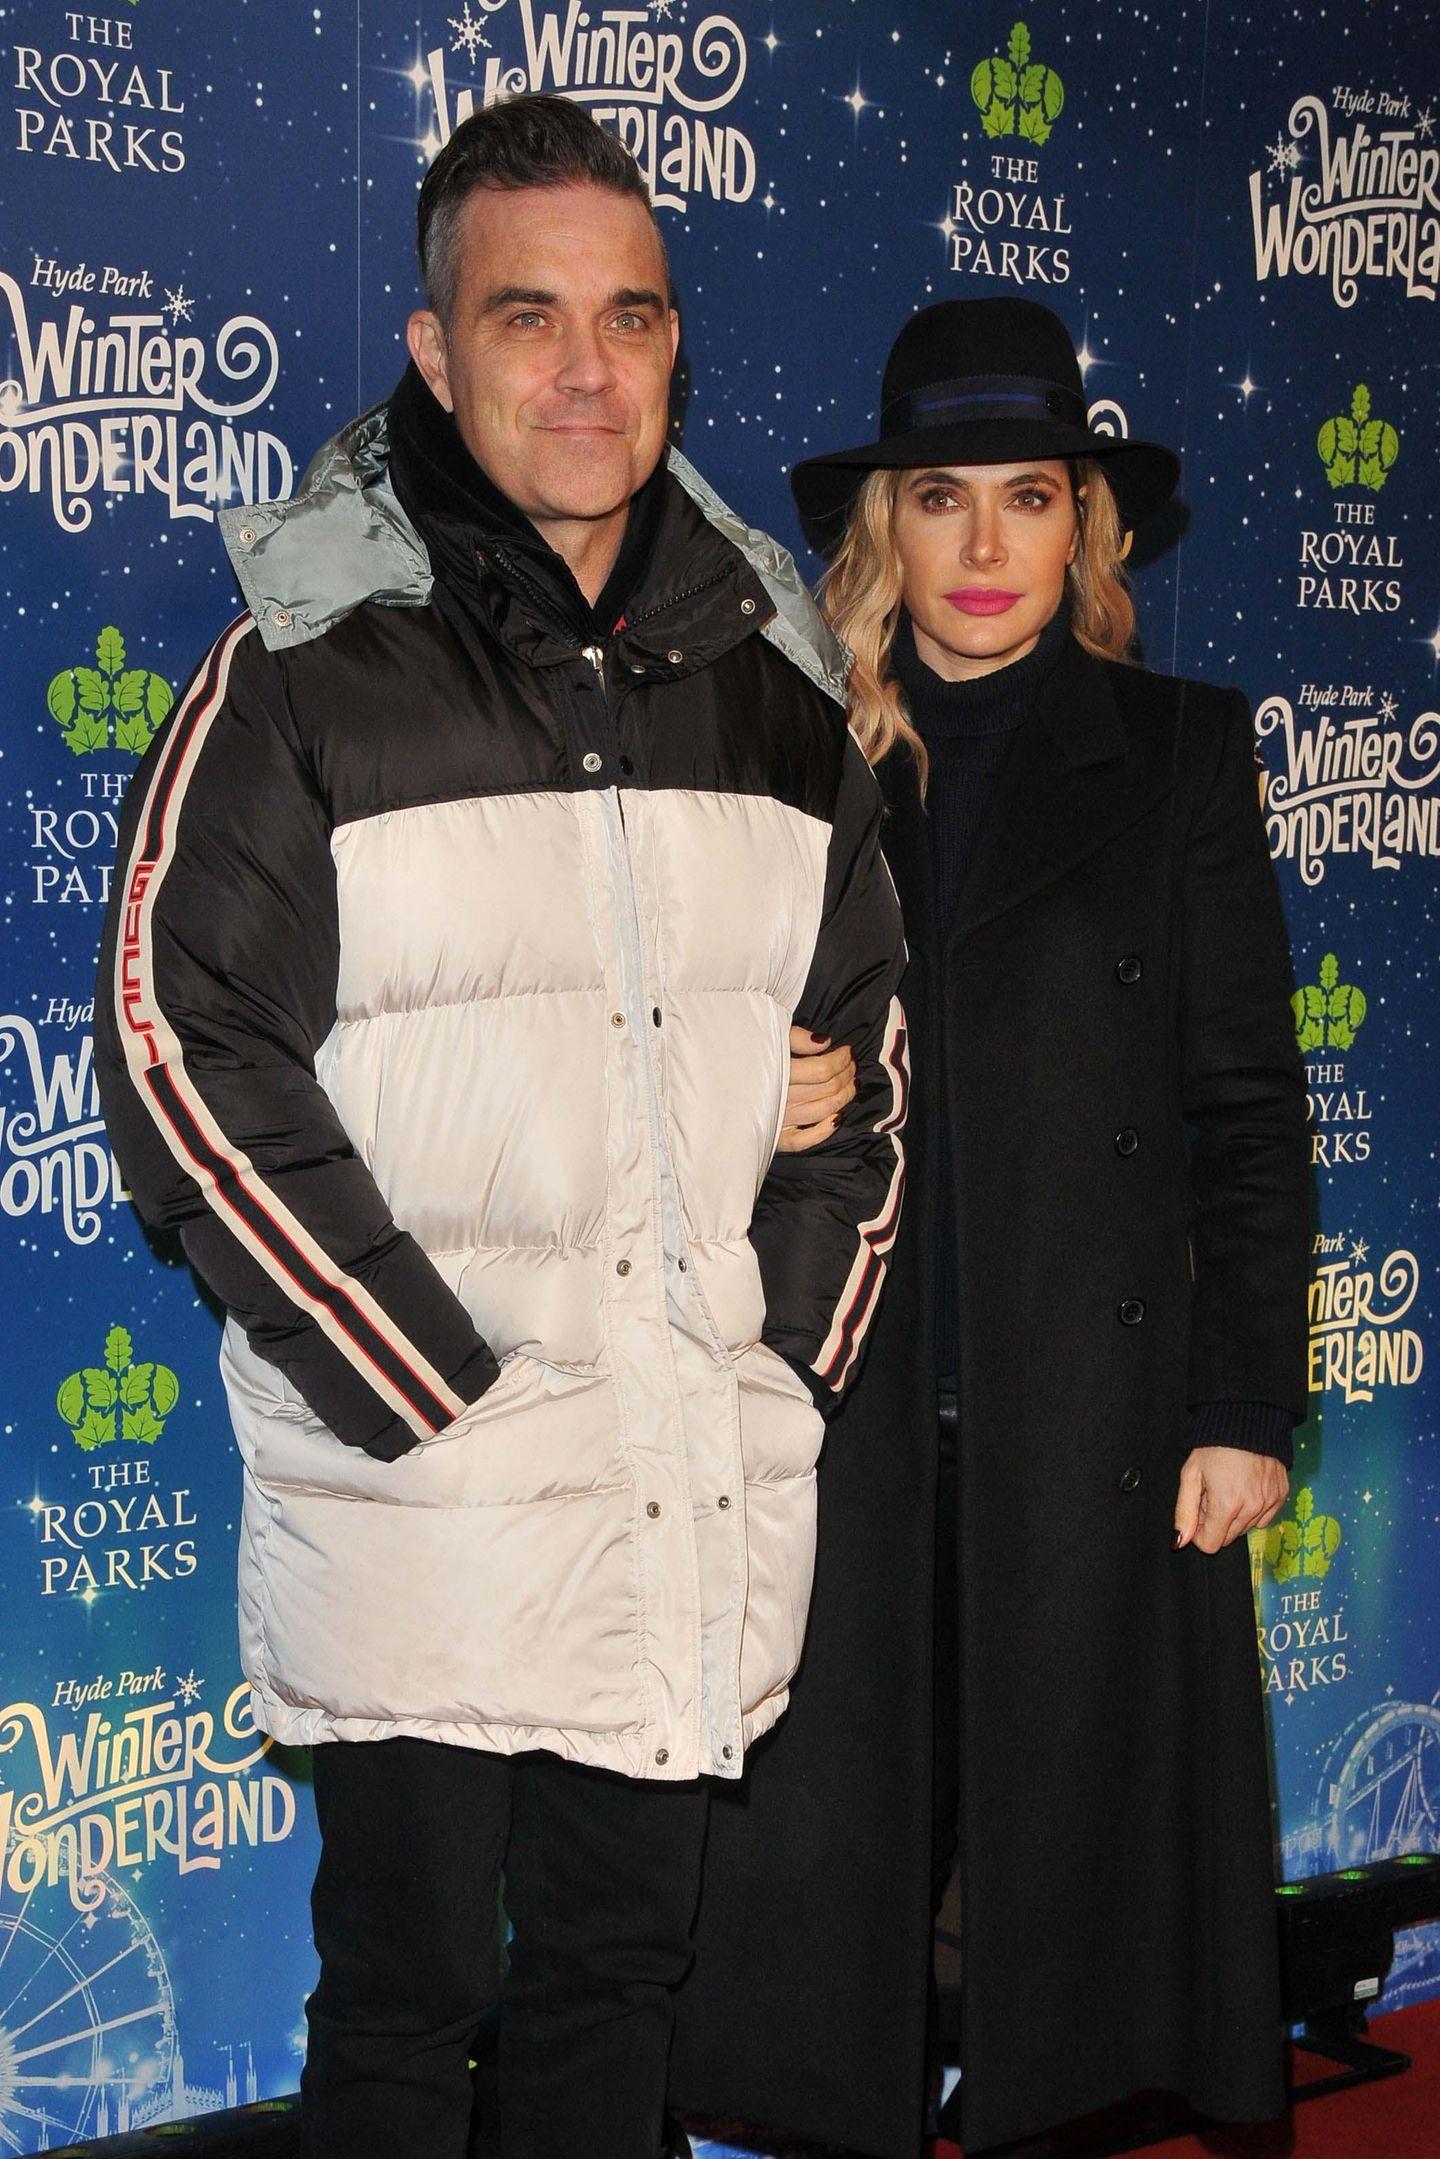 21. November 2018  Bei demHyde Park Winter Wonderland Event erscheinen Robbie Williams und seine Ayda Field passend in winterlichen Outfits.